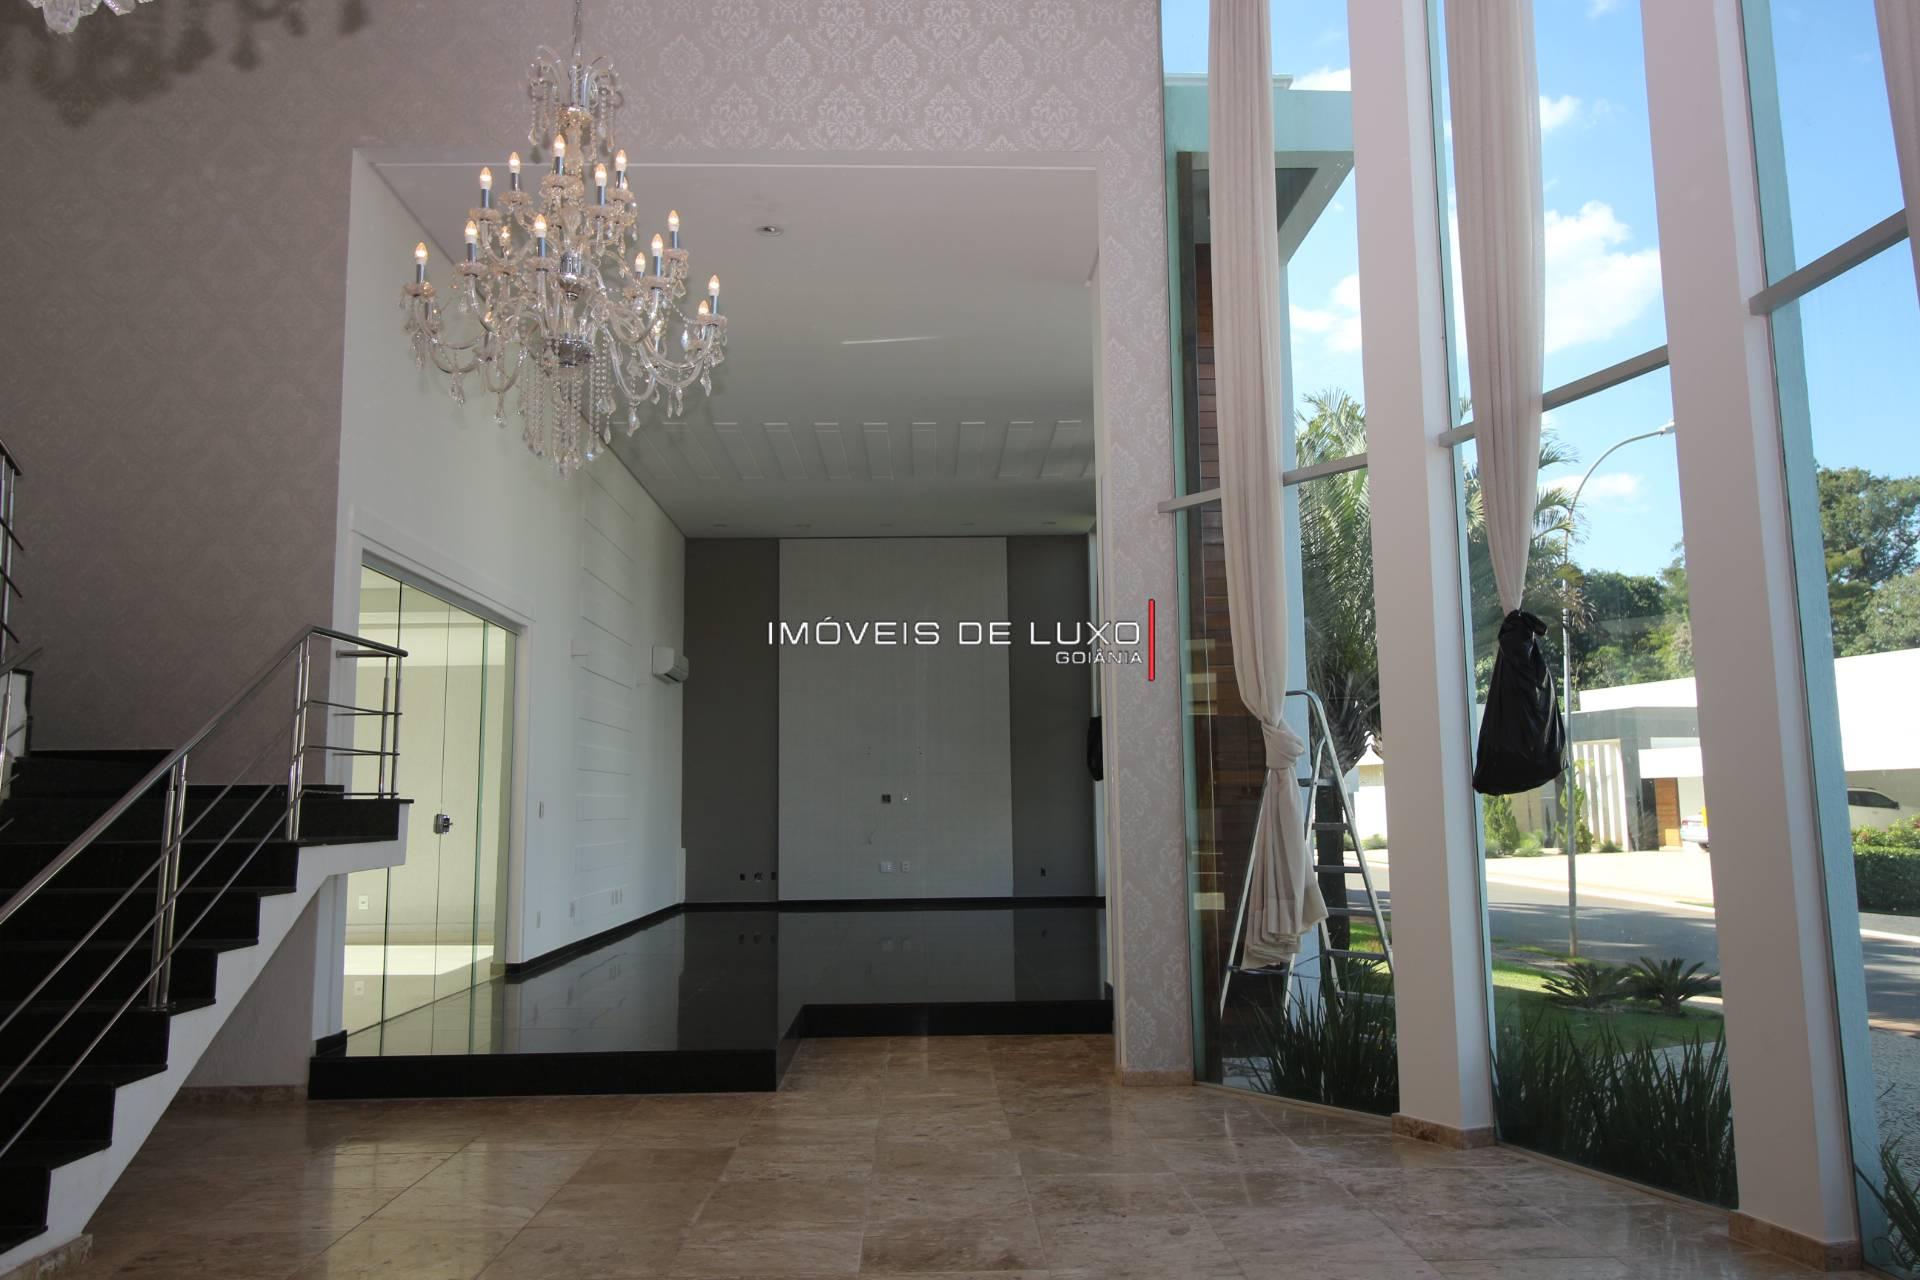 Imóveis de Luxo - Sobrado com 4 suítes à venda no Jardins Paris